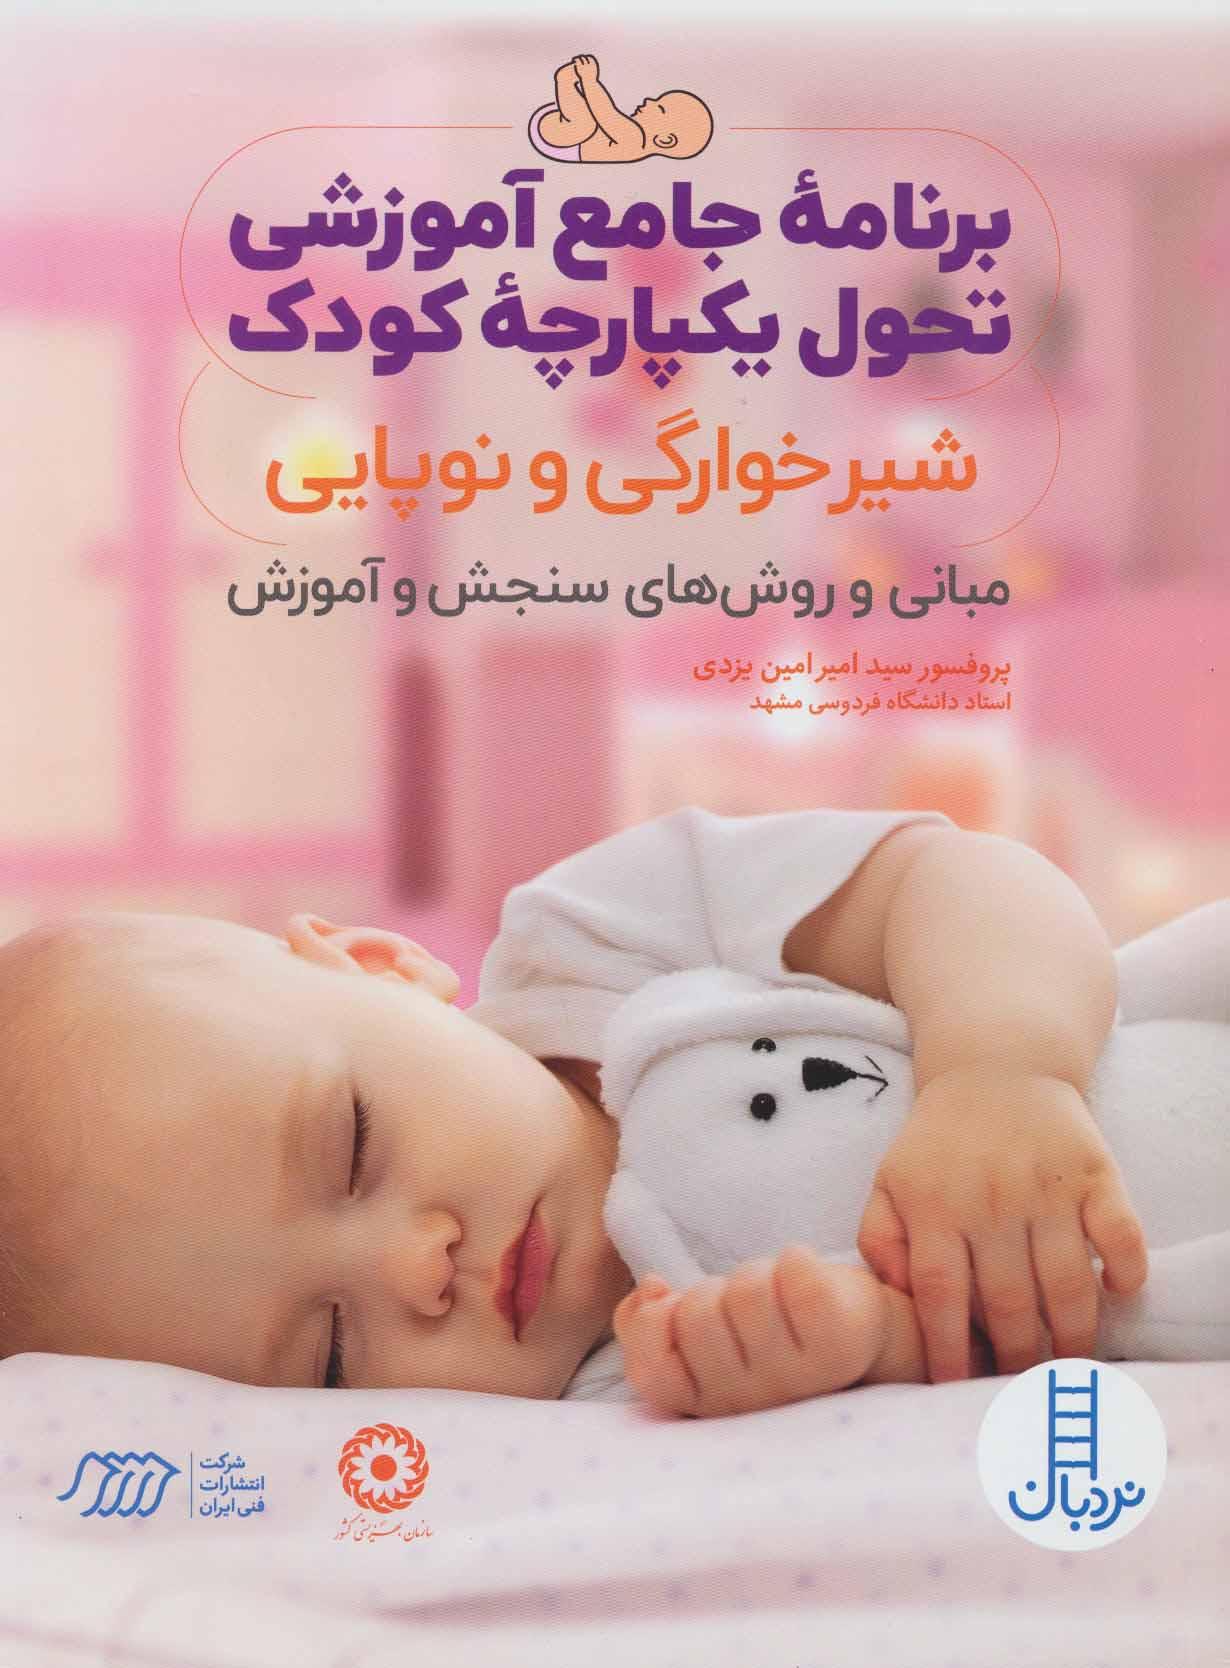 برنامه جامع آموزشی تحول یکپارچه کودک (شیرخوارگی و نوپایی)